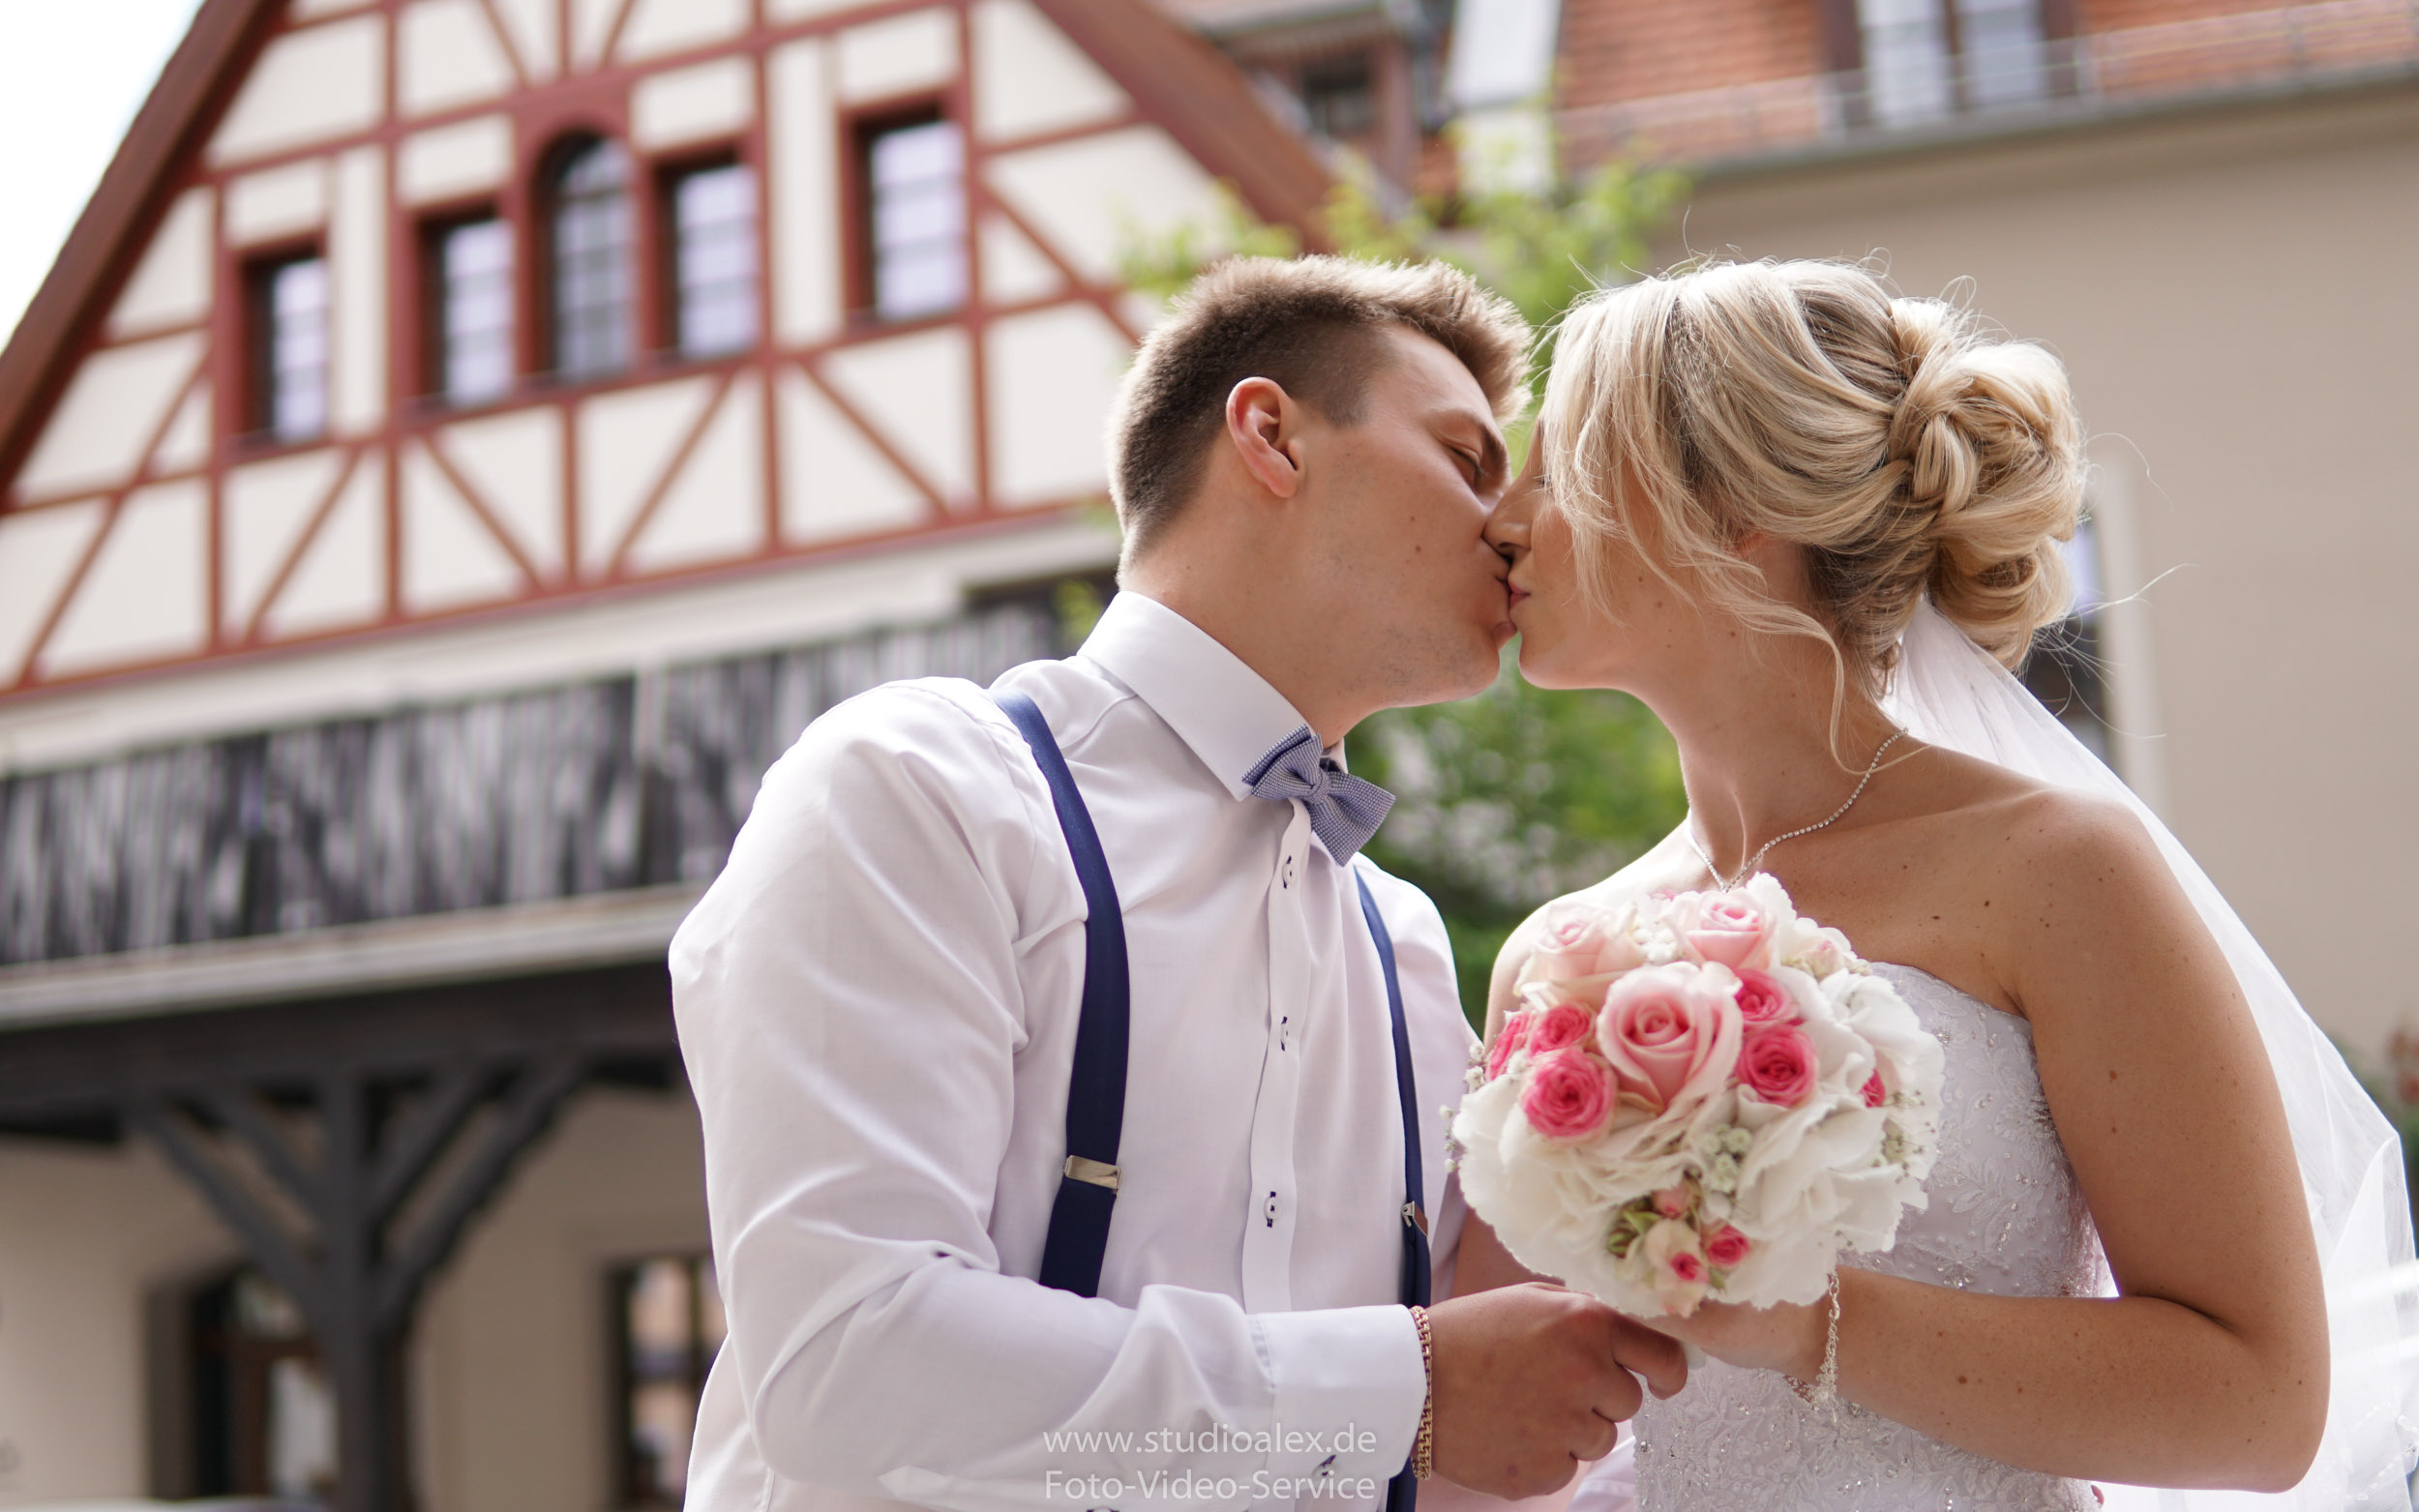 Hochzeitsfotograf-Amberg-Hochzeitsfotografie-Amberg-Hochzeit-Amberg-ACC-Fotograf-Amberg-01215.jpg